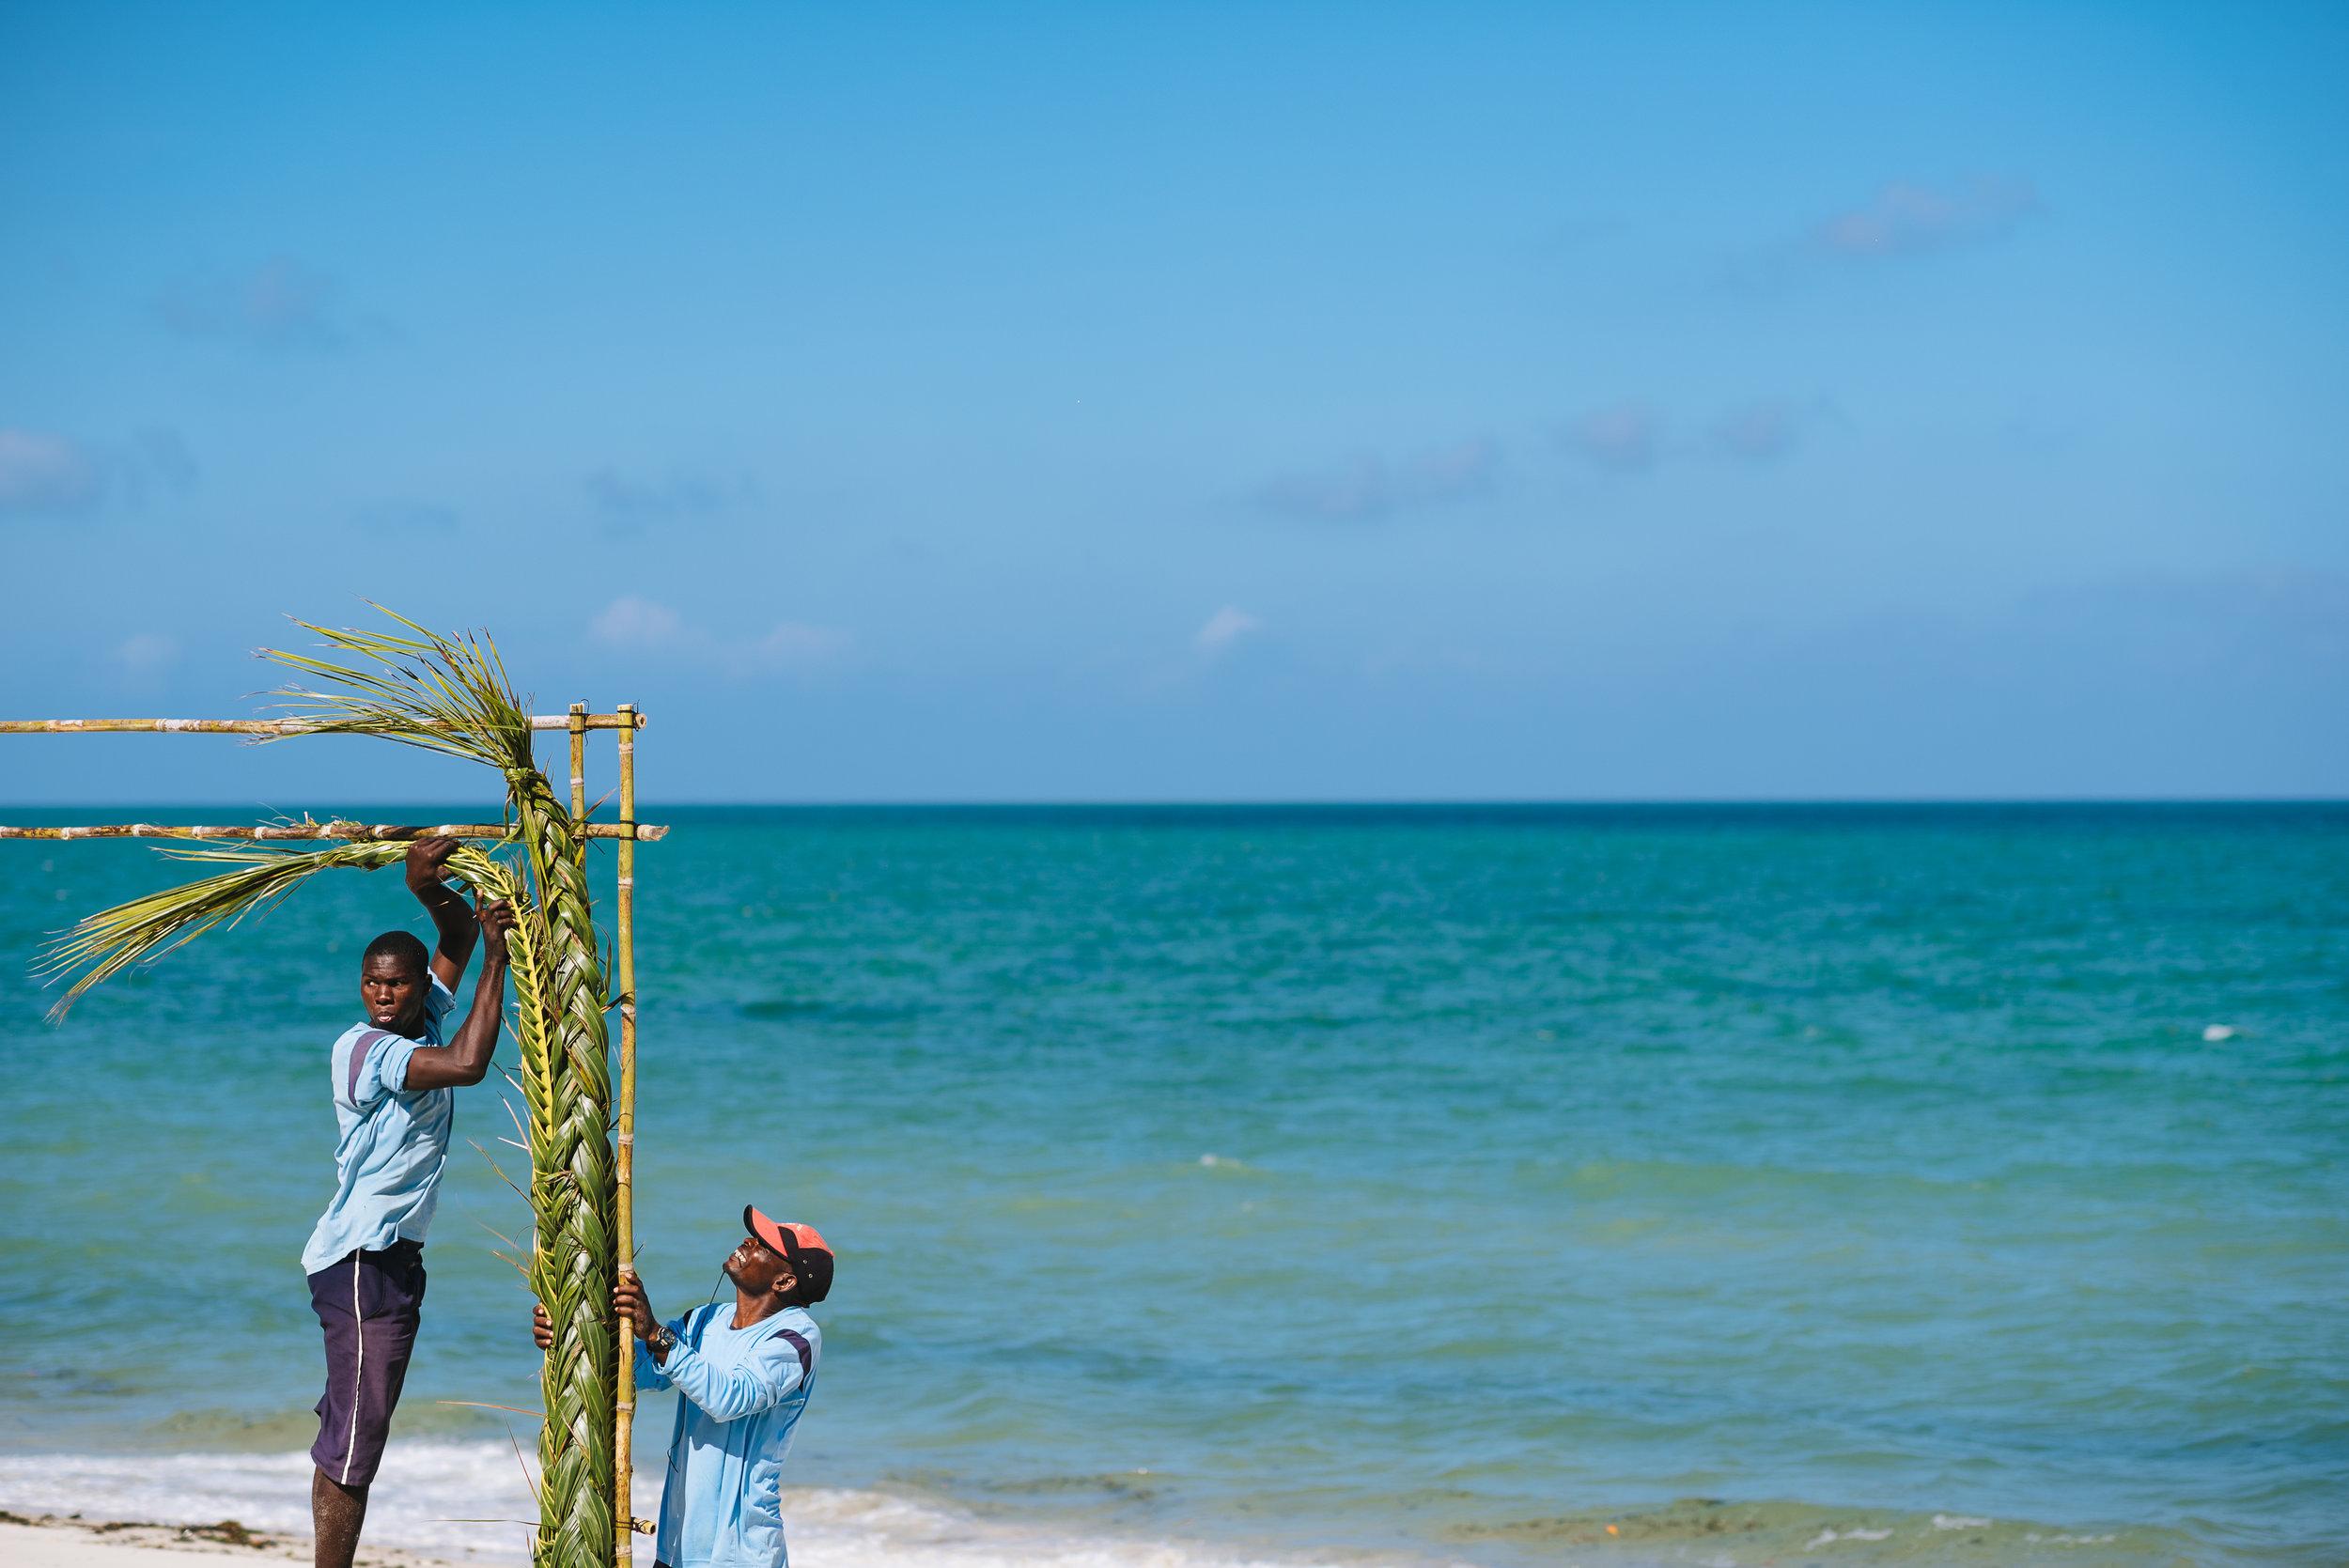 alex-miller-photography-joss-alex-mozambique-165.jpg